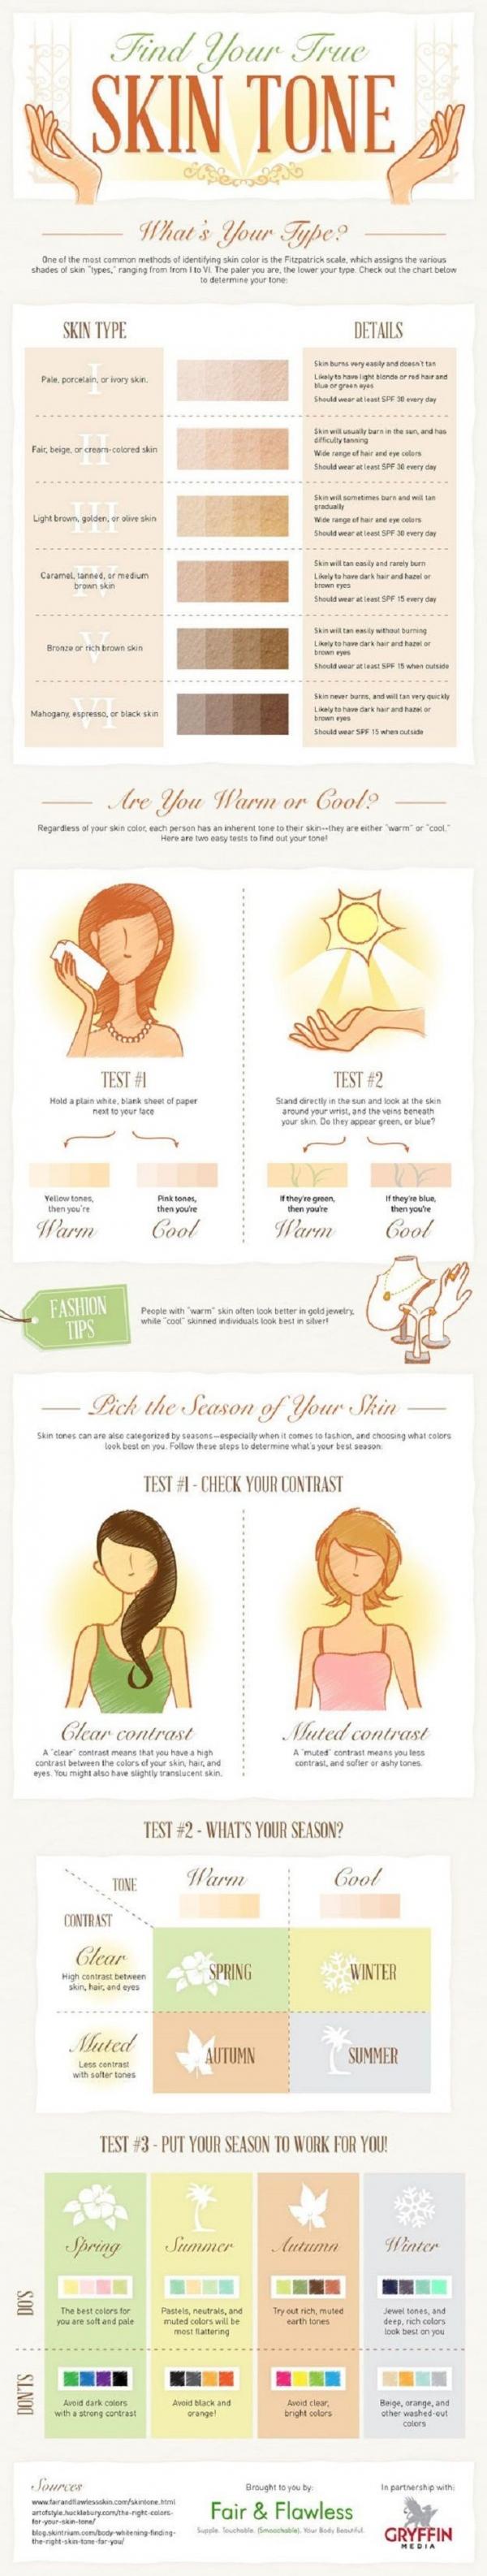 Find Your True Skin Tone